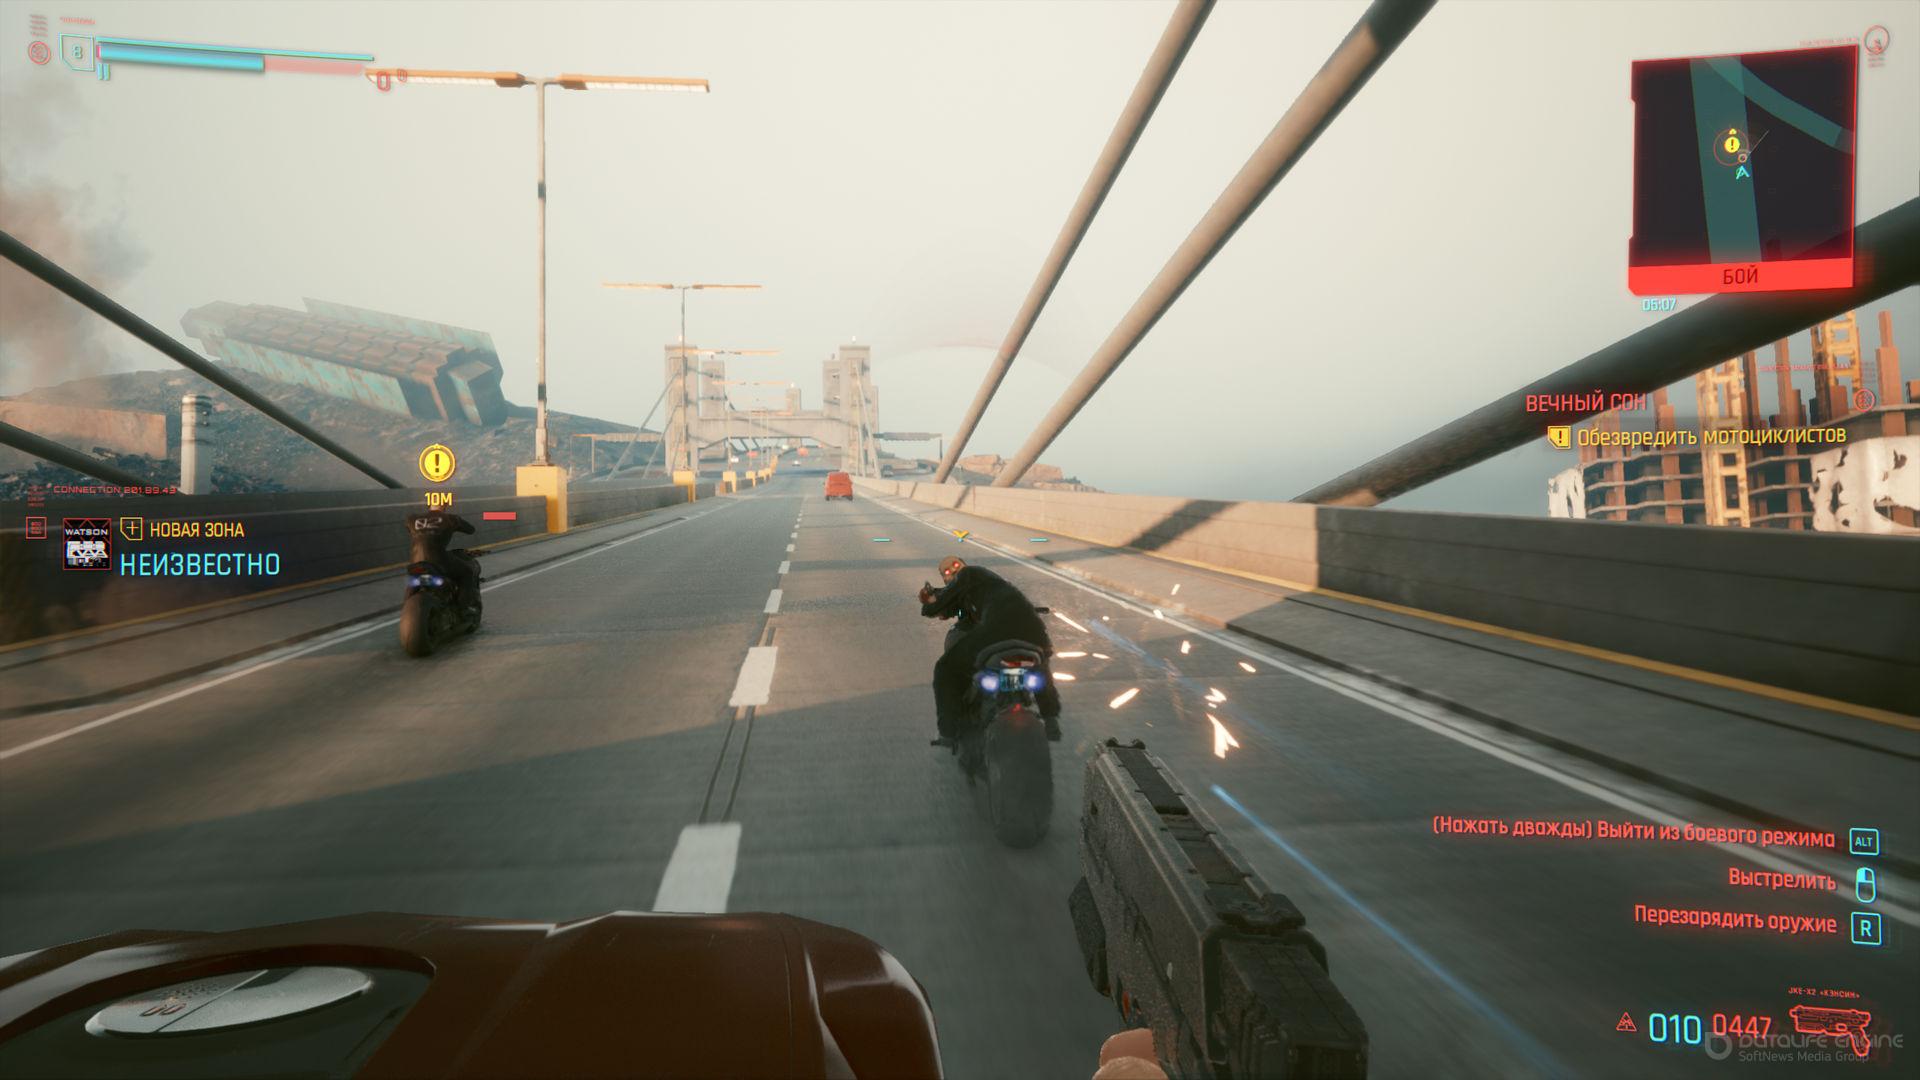 Скриншот к игре Cyberpunk 2077 [v 1.06] [GOG] (2020) скачать торрент Лицензия